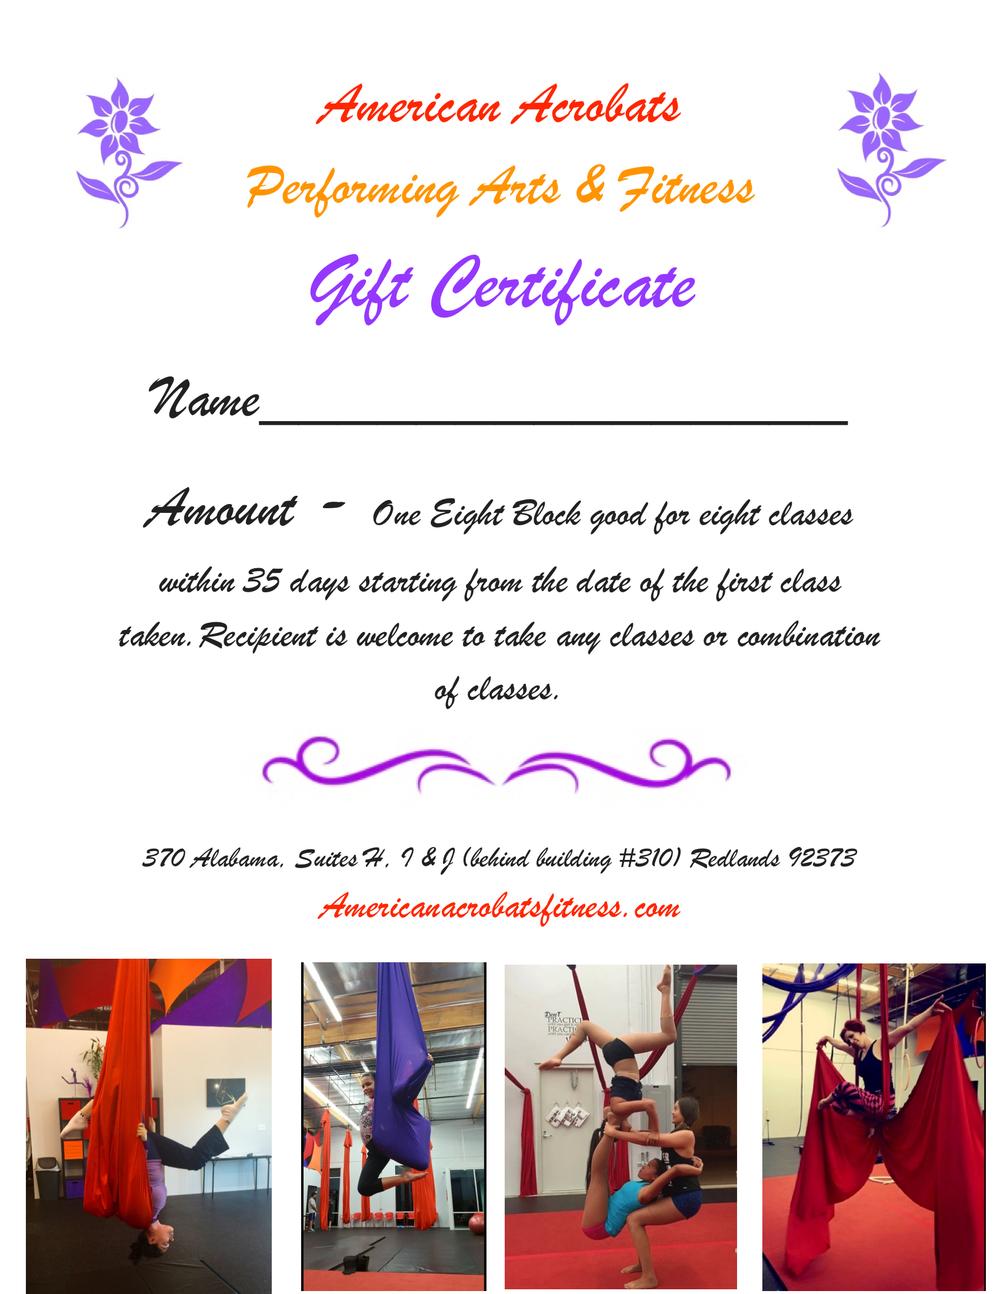 Gift Certificate AAPAF.jpg